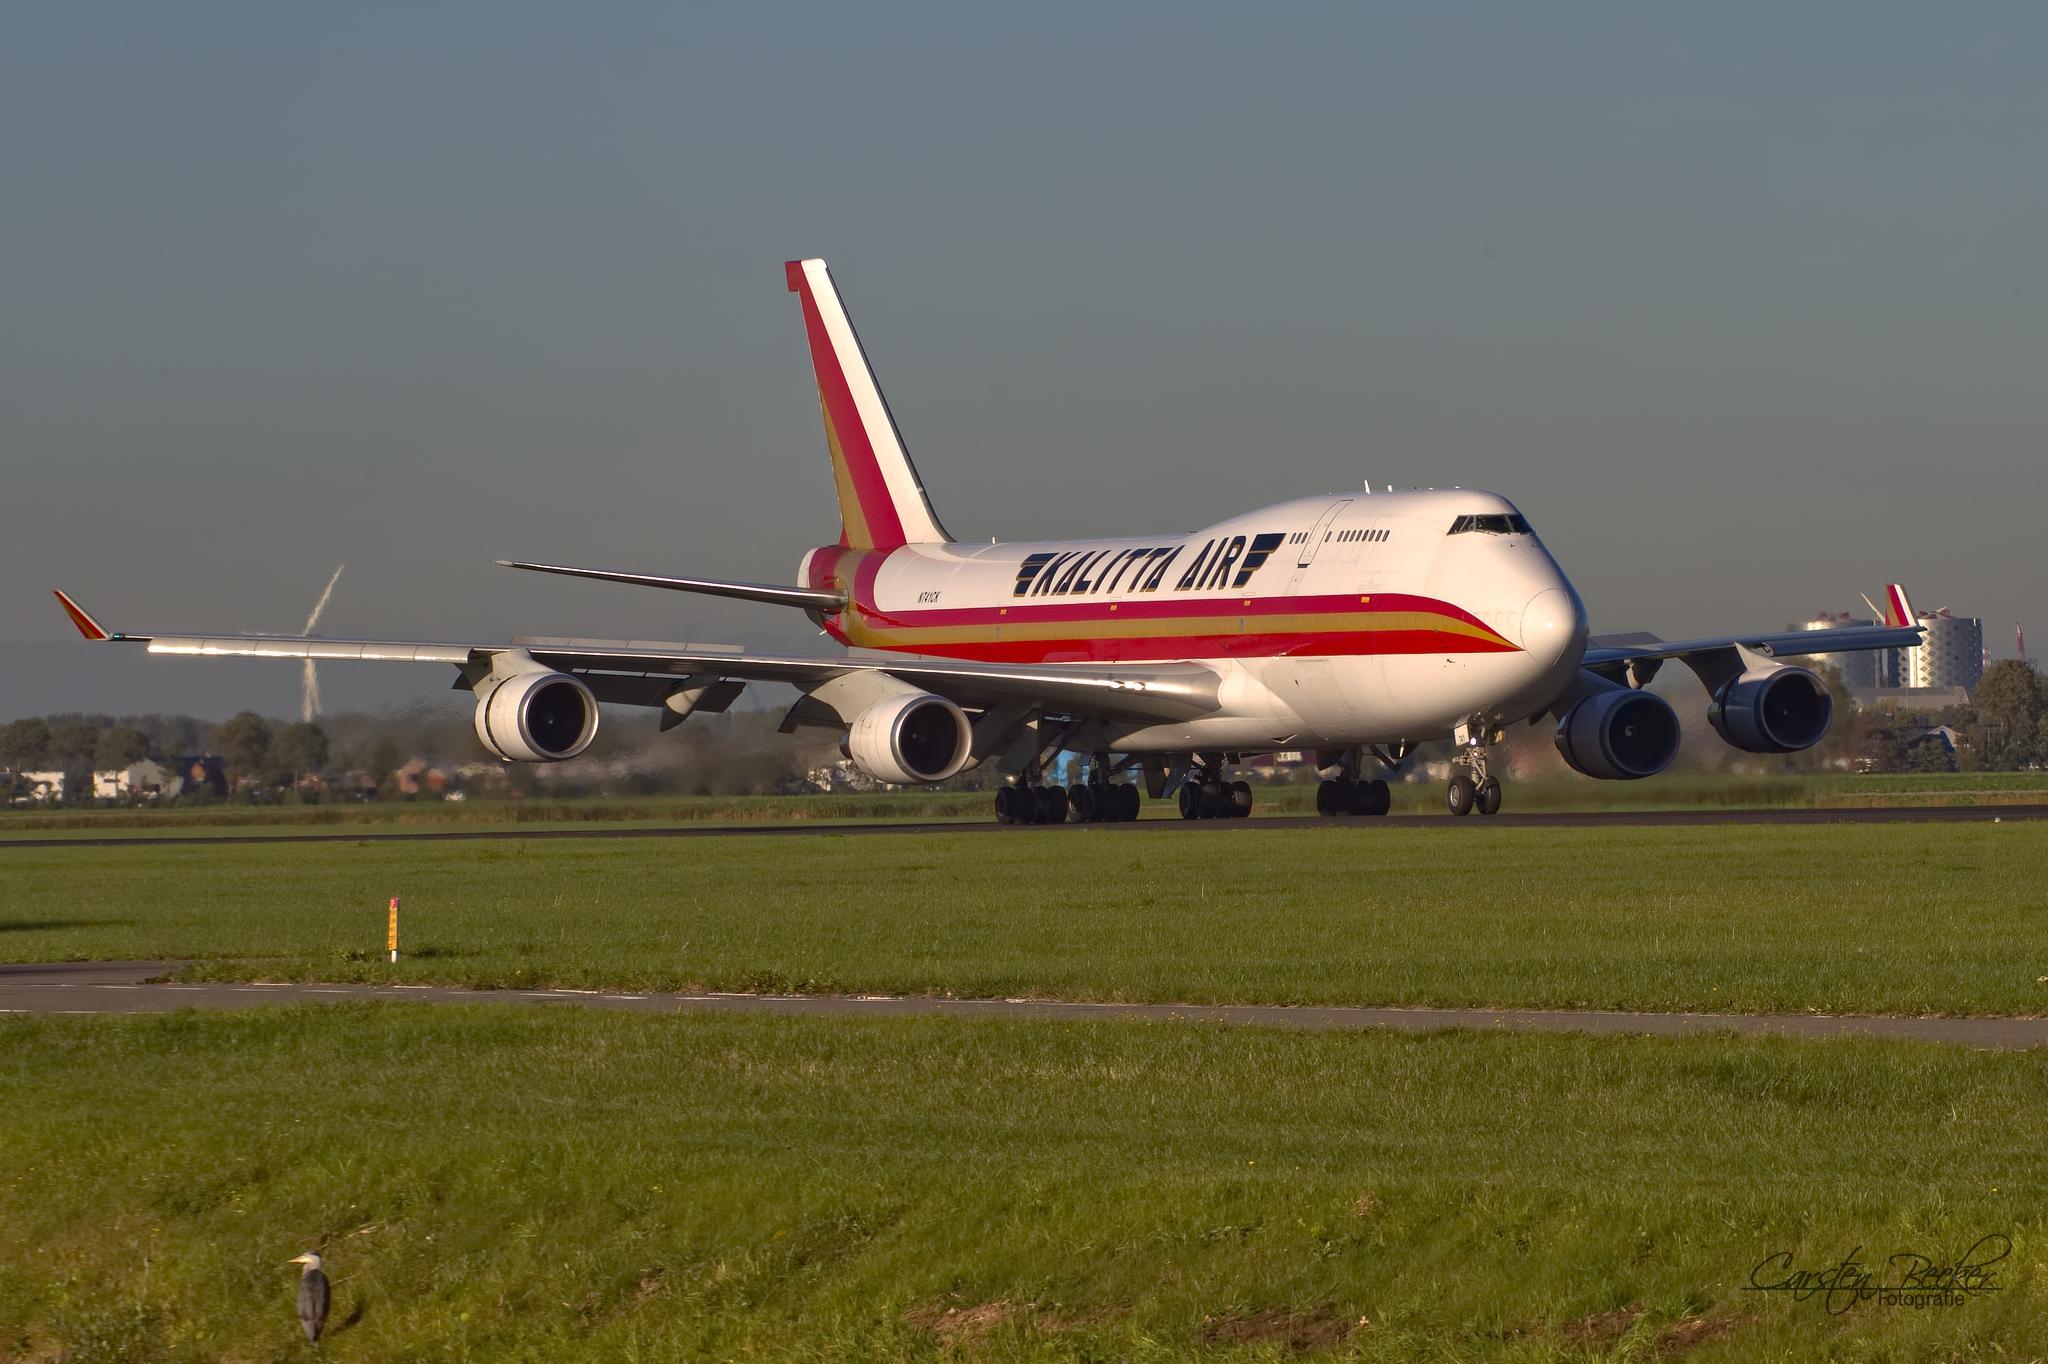 Kalitta AirB747 N741CK